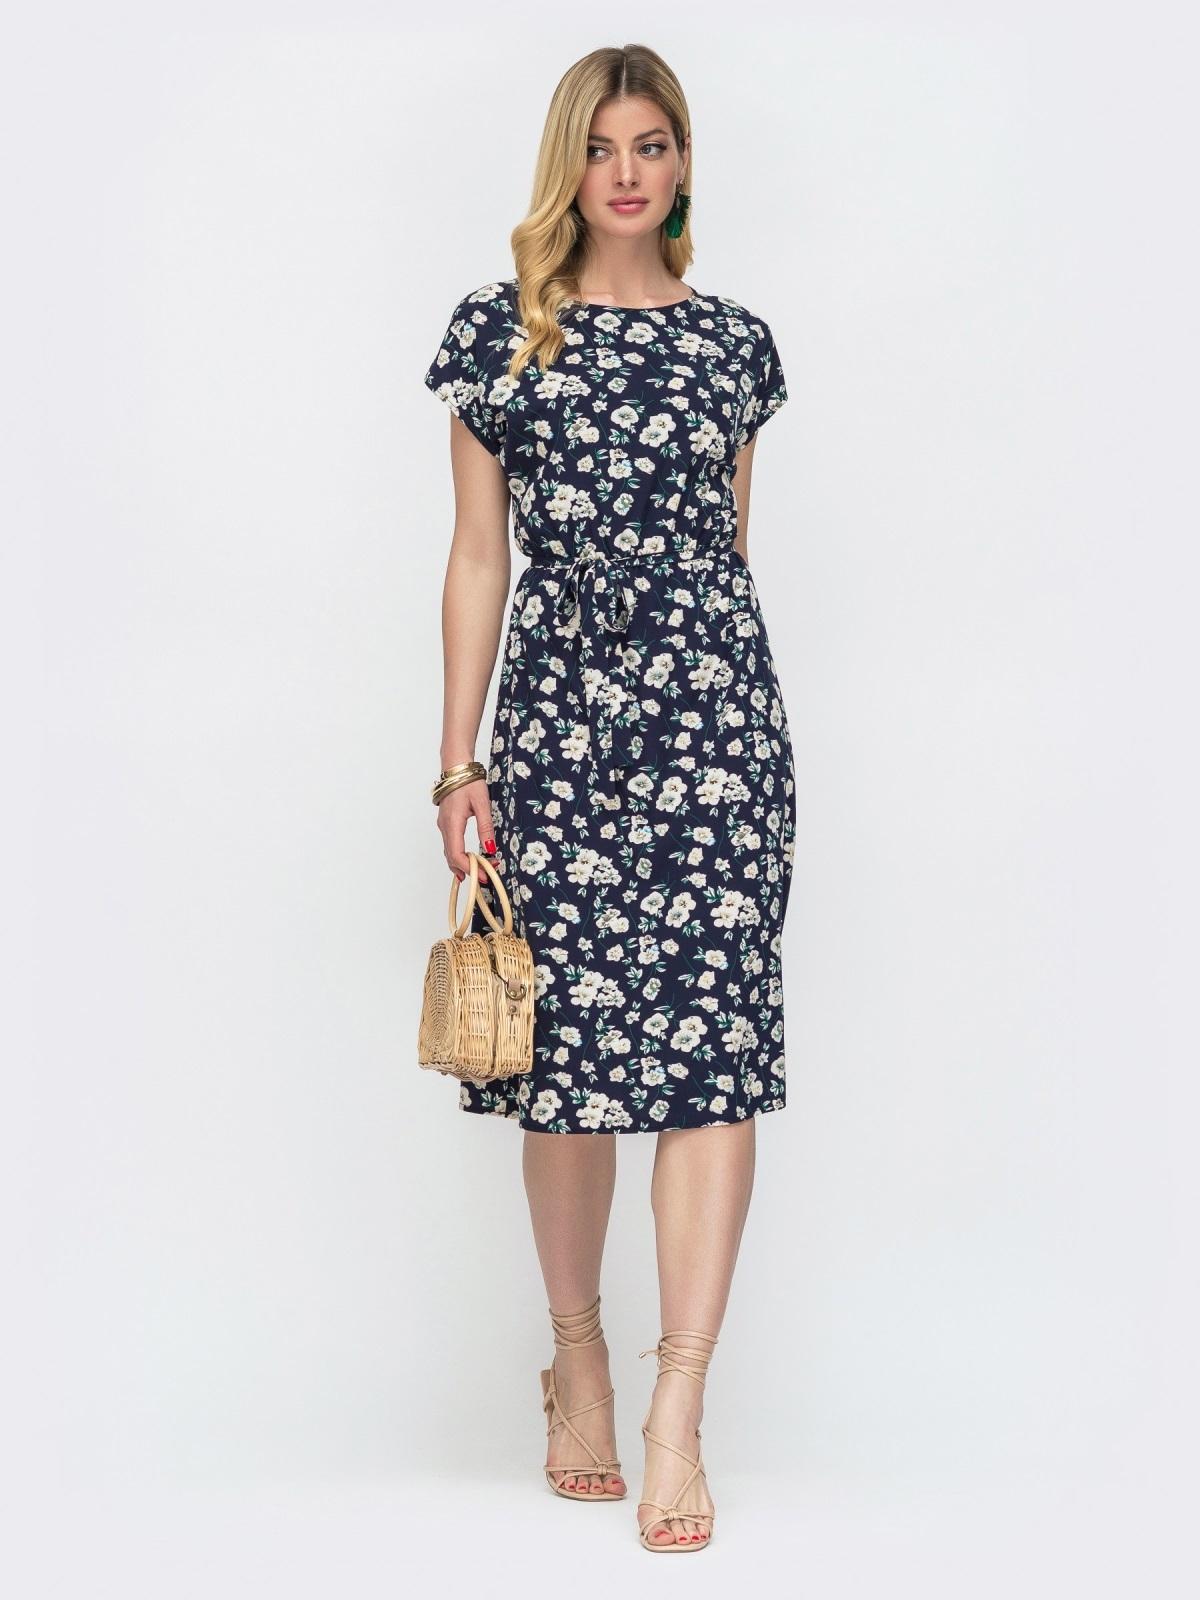 Тёмно-синее платье с принтом и резинкой в поясе 48482, фото 1